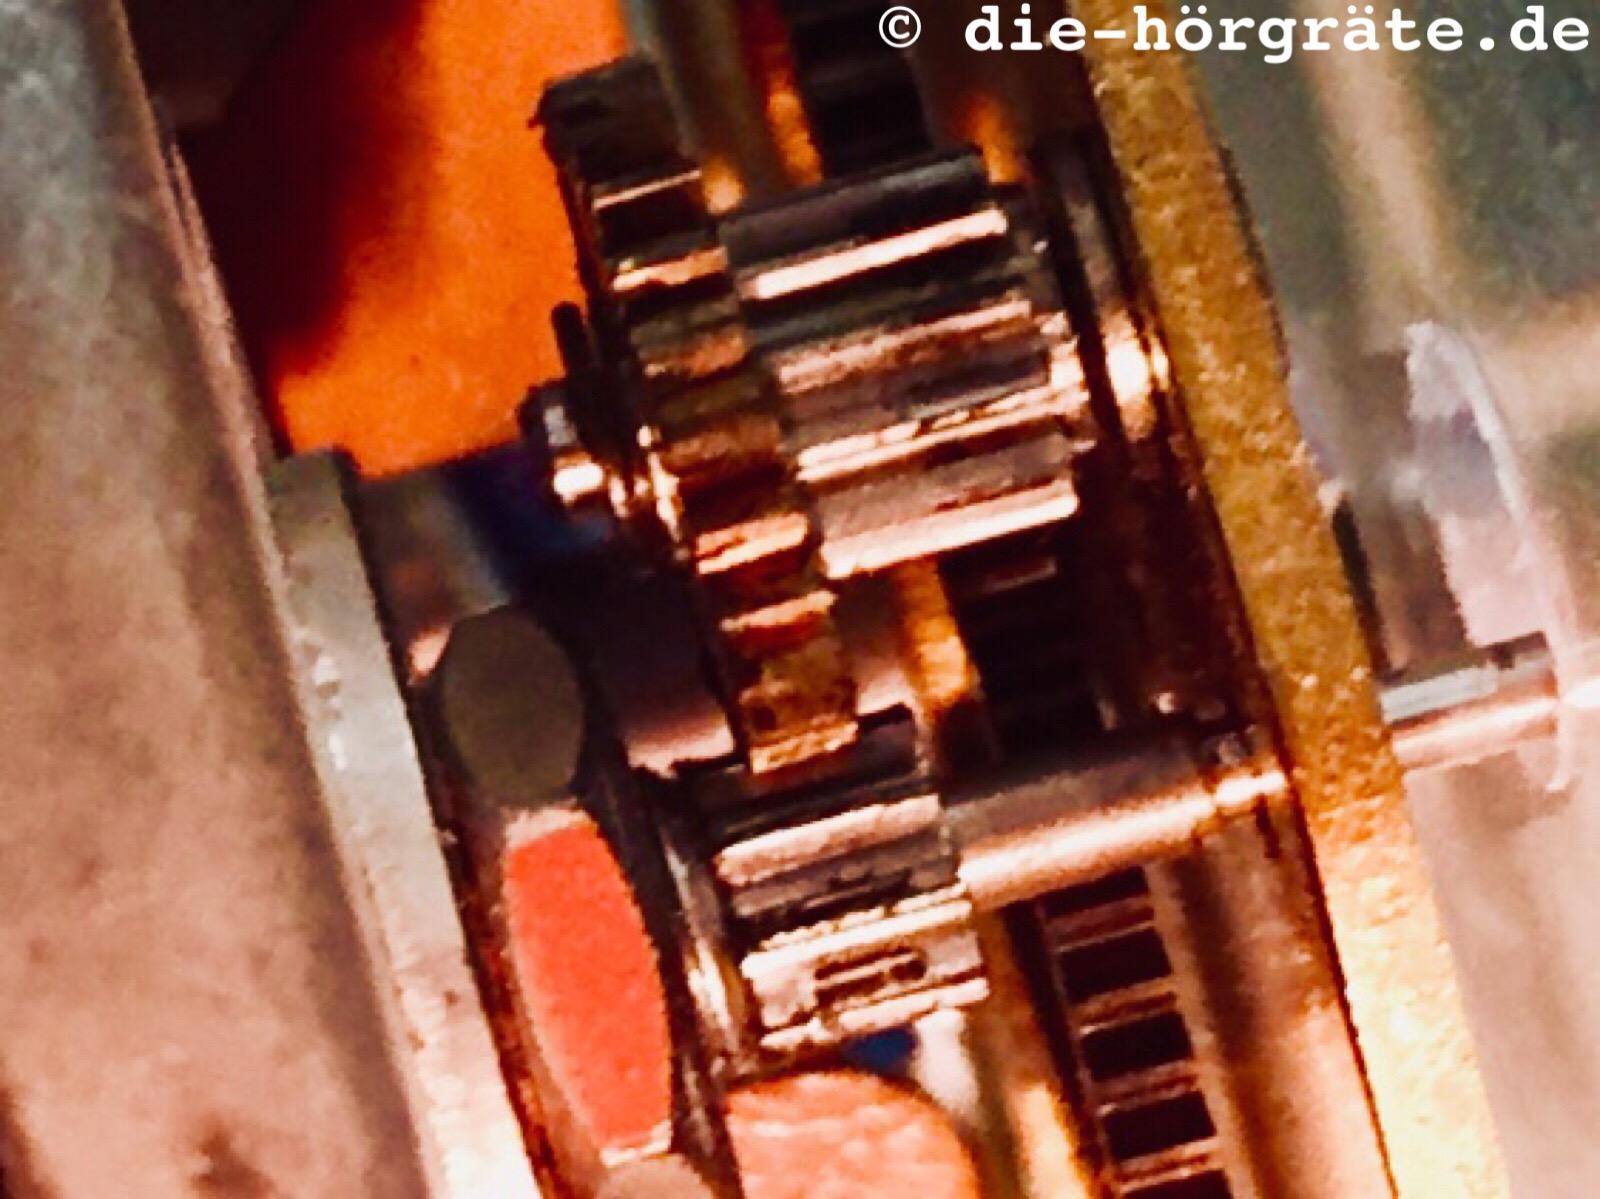 ein Click in ein Getriebe, in dem kleine Zahnräder ineinander greifen